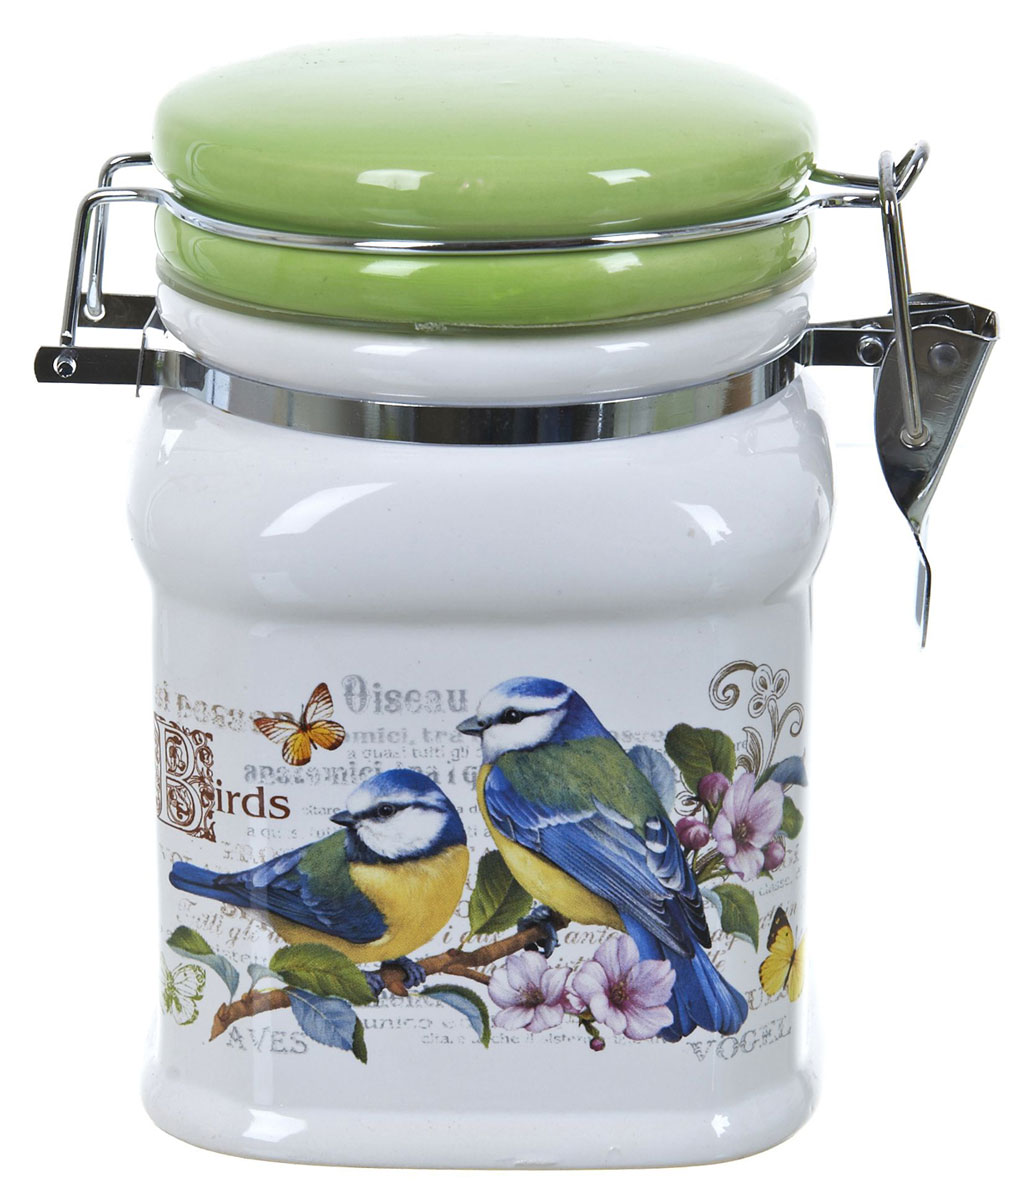 Банка для сыпучих продуктов Polystar Birds, 700 млL2430770Банка для сыпучих продуктов Polystar Birds изготовлена из прочной доломитовой керамики, покрытой слоем сверкающей гладкой глазури. Изделие оформлено красочным изображением.Банка прекрасно подойдет для хранения различных сыпучих продуктов: чая, кофе, сахара, круп и многого другого. Благодаря силиконовой прослойке и бугельному замку, крышка герметично закрывается, что позволяет дольше сохранять продукты свежими.Изящная емкость не только поможет хранить разнообразные сыпучие продукты, но и стильно дополнит интерьер кухни.Изделие подходит для использования в посудомоечной машине и в холодильнике.